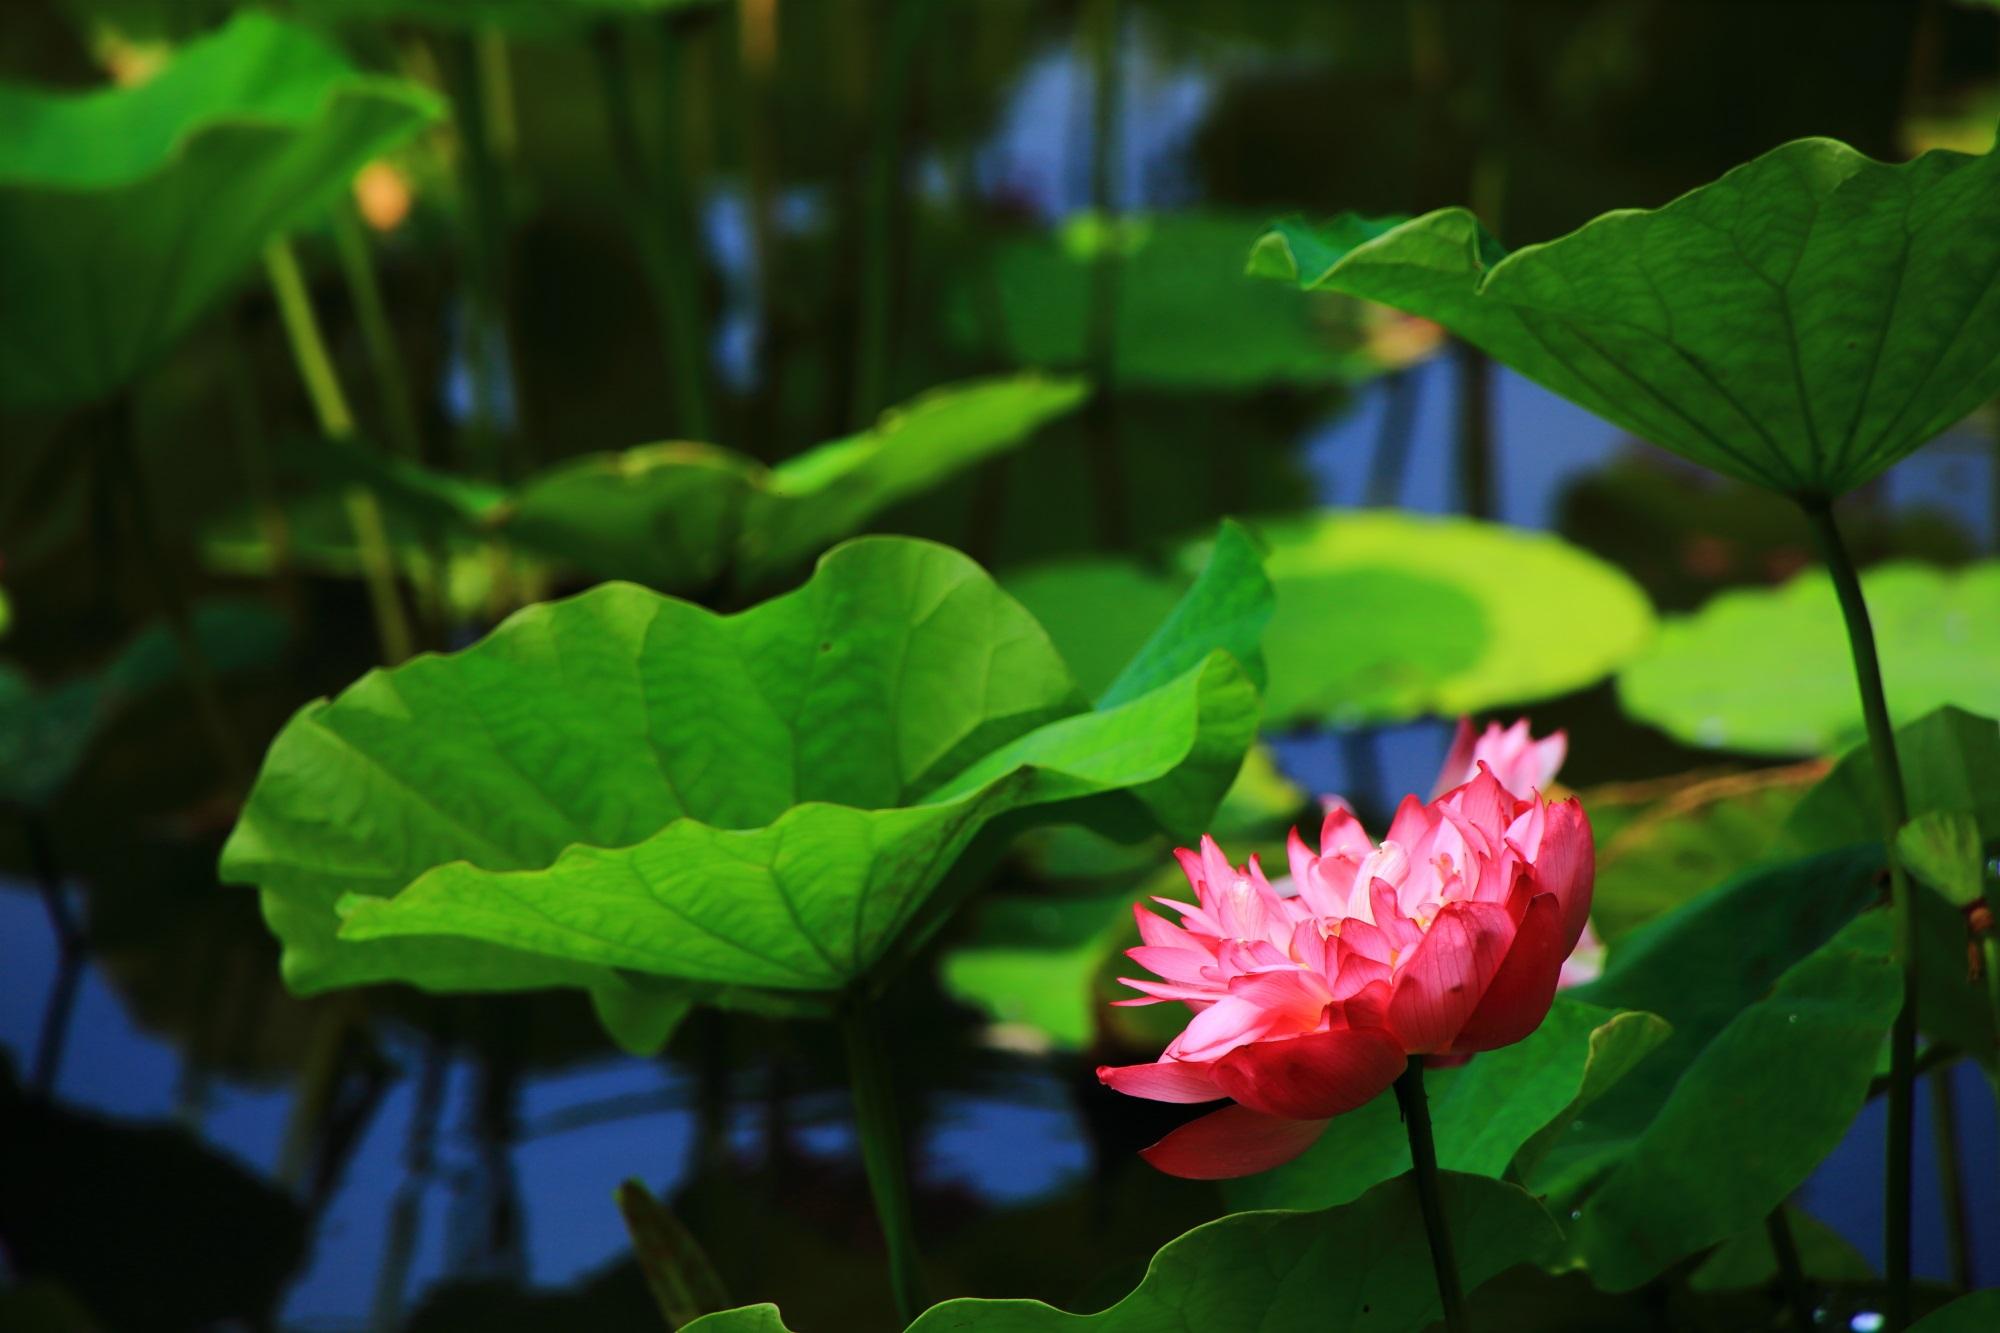 勧修寺の鮮やかに煌くピンクの蓮の花